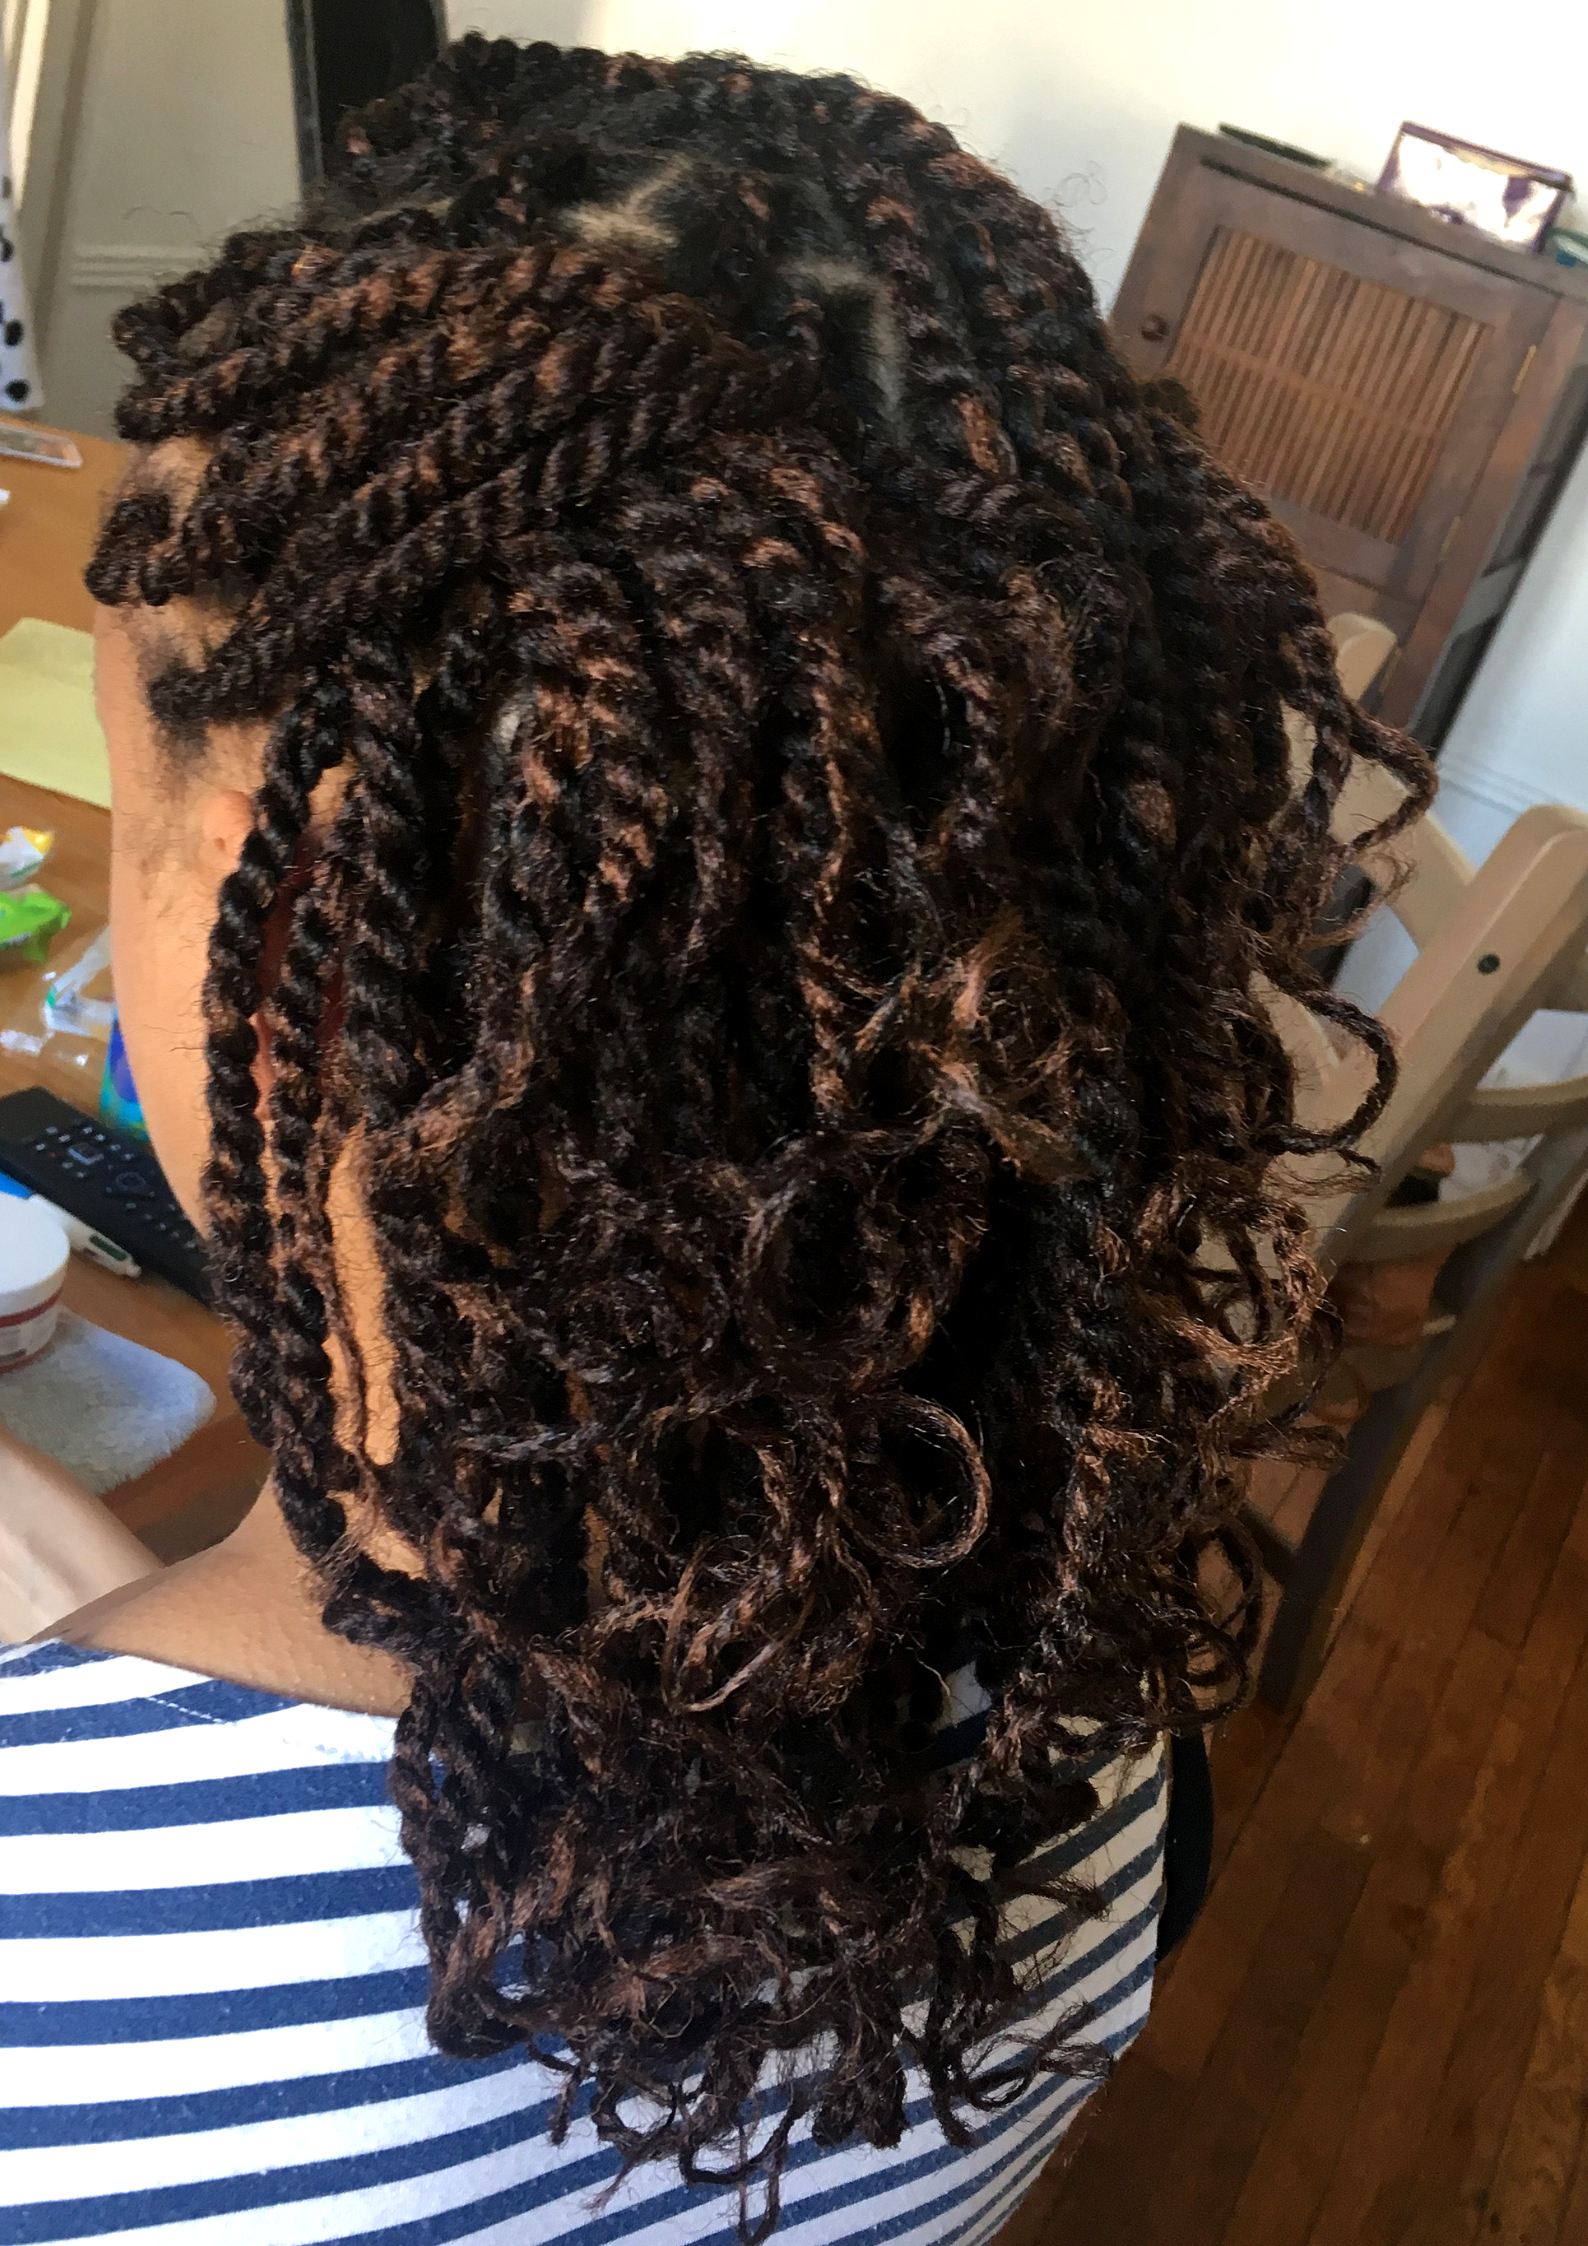 salon de coiffure afro tresse tresses box braids crochet braids vanilles tissages paris 75 77 78 91 92 93 94 95 BSAOSGHK